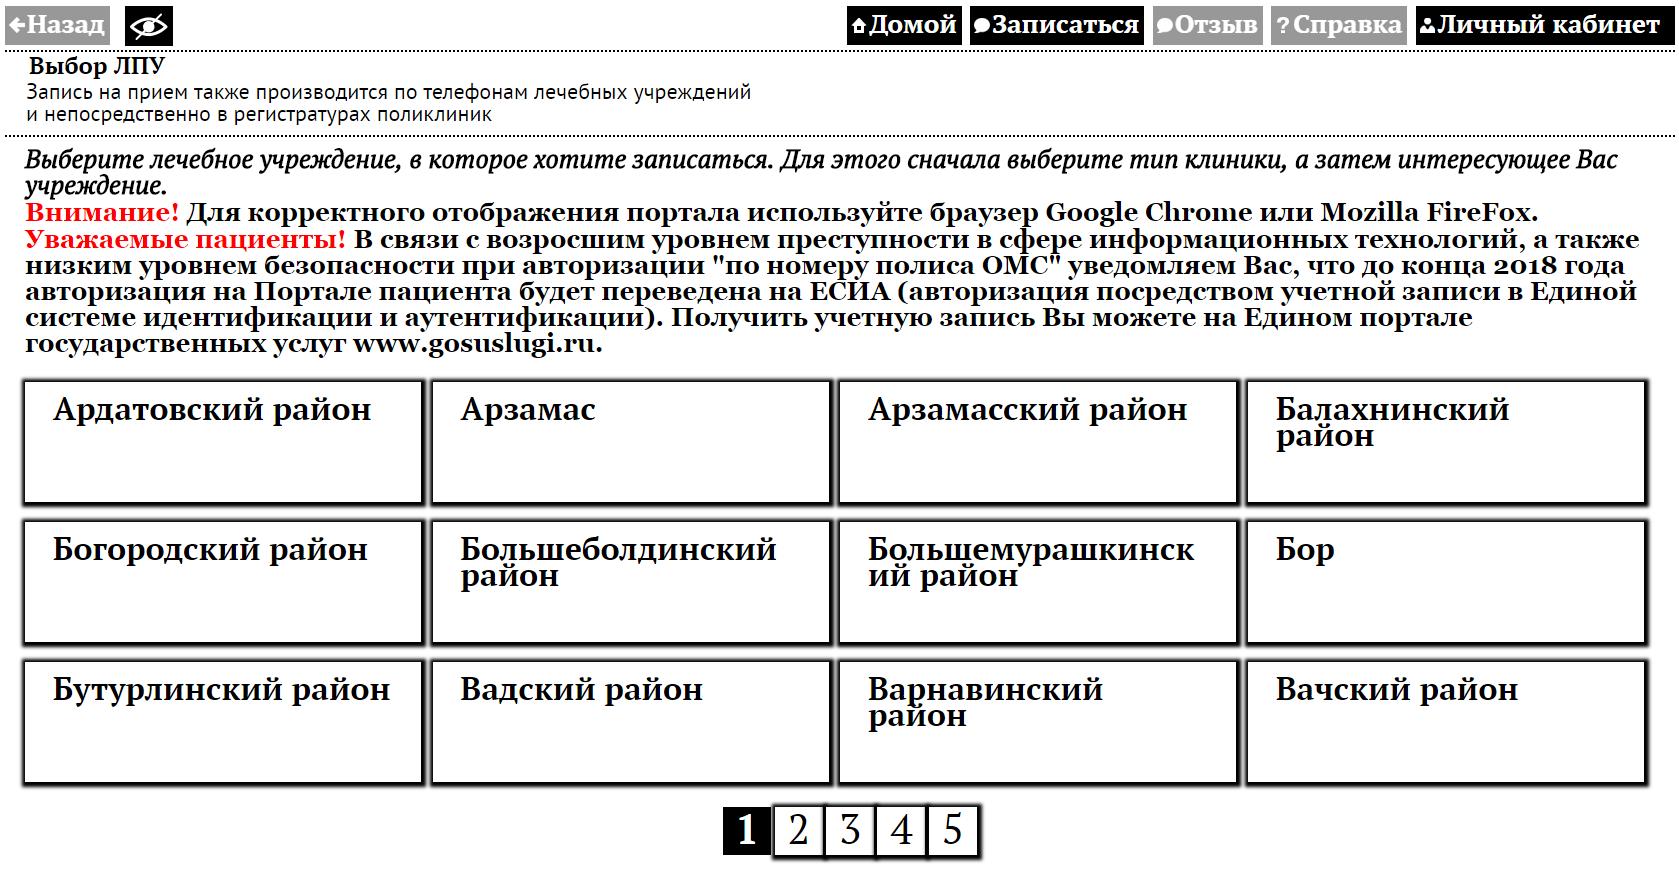 snimok-1.png